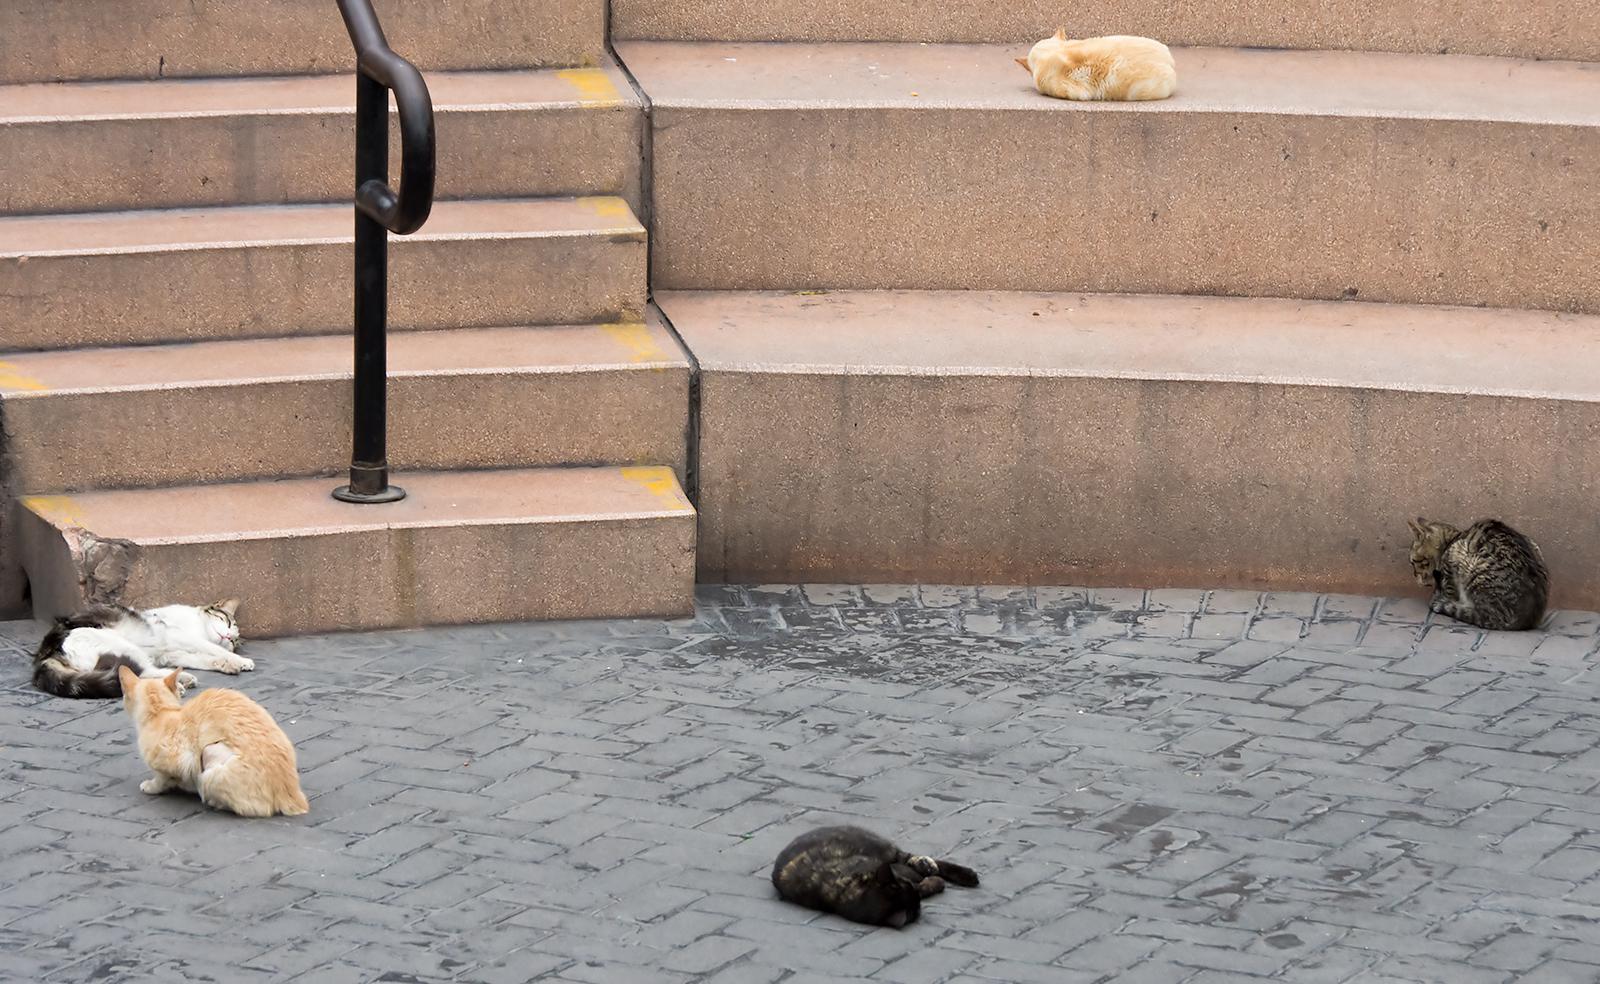 CatParkRound2.jpg